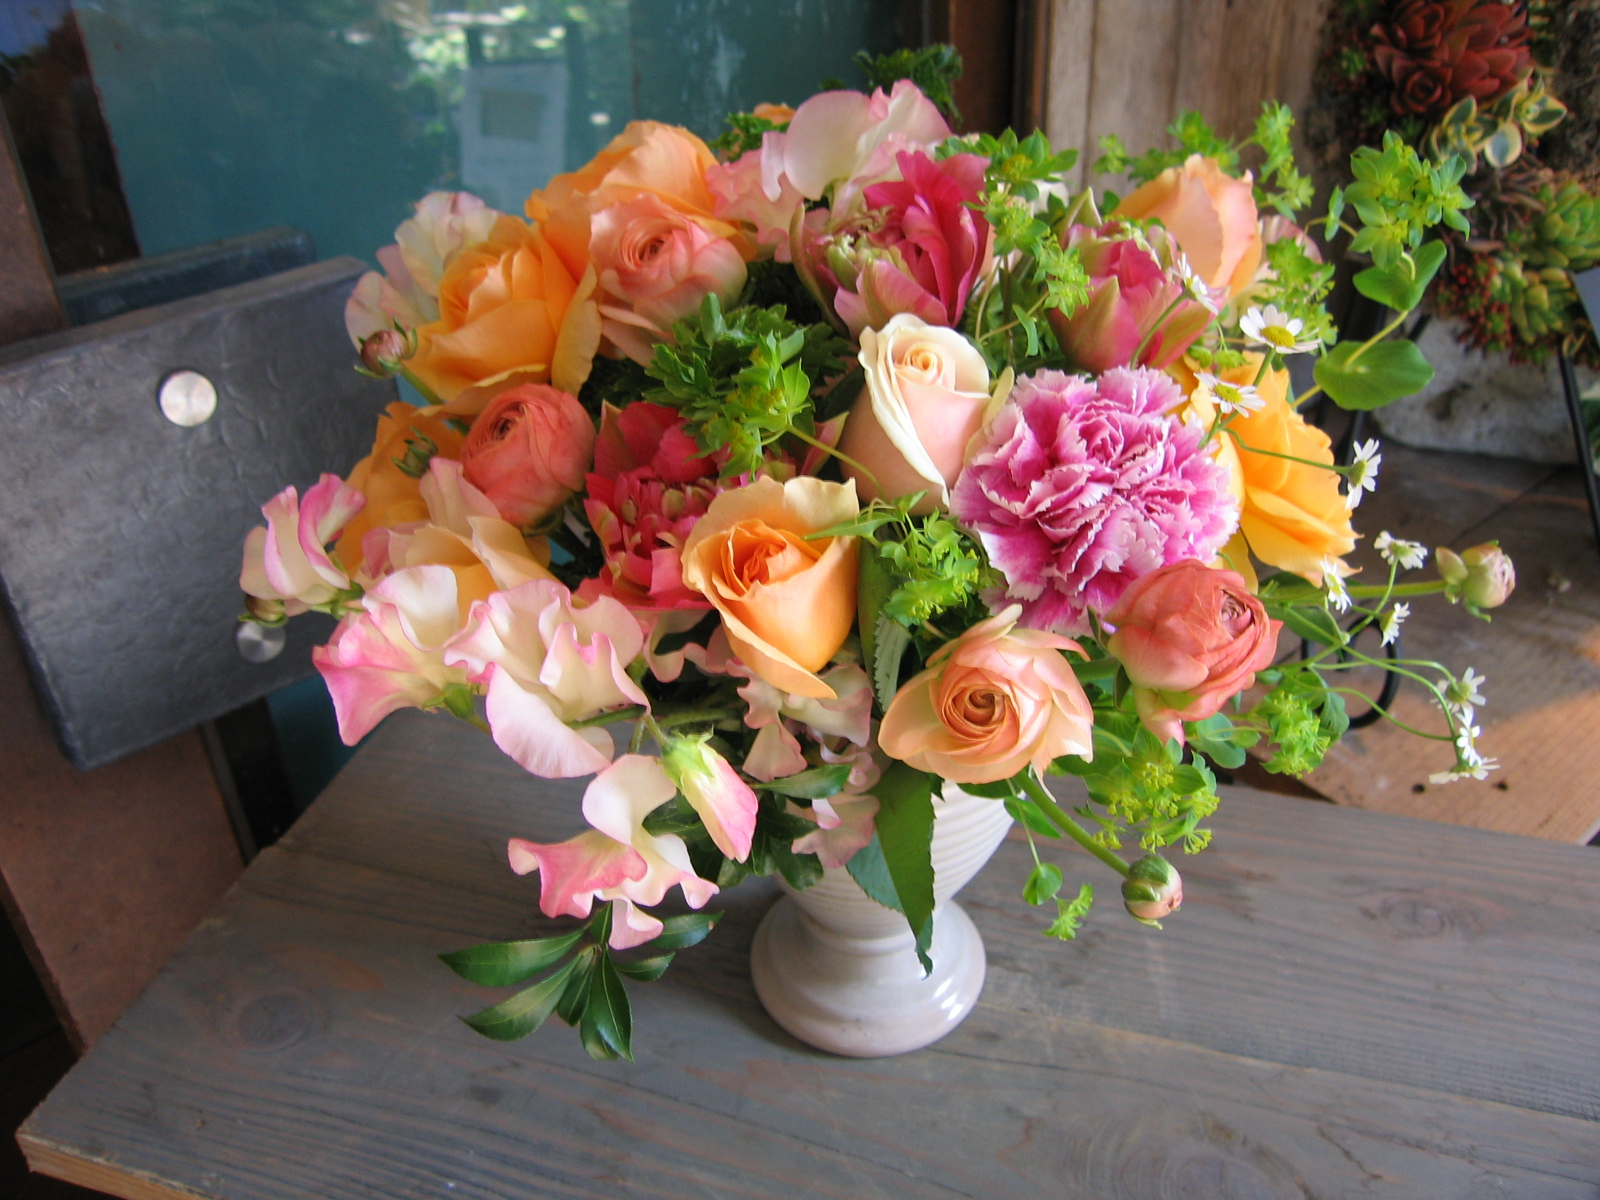 オレンジ・ソルベ■花 アレンジメント 花束 ローズ ばら 薔薇 記念日 結婚祝い 贈り物 お祝い即日発送 フラワー ギフト プレゼント 誕生日 出産祝い 結婚記念日 開店祝い スタンド花 バラ お供え お悔やみ オレンジ 父の日